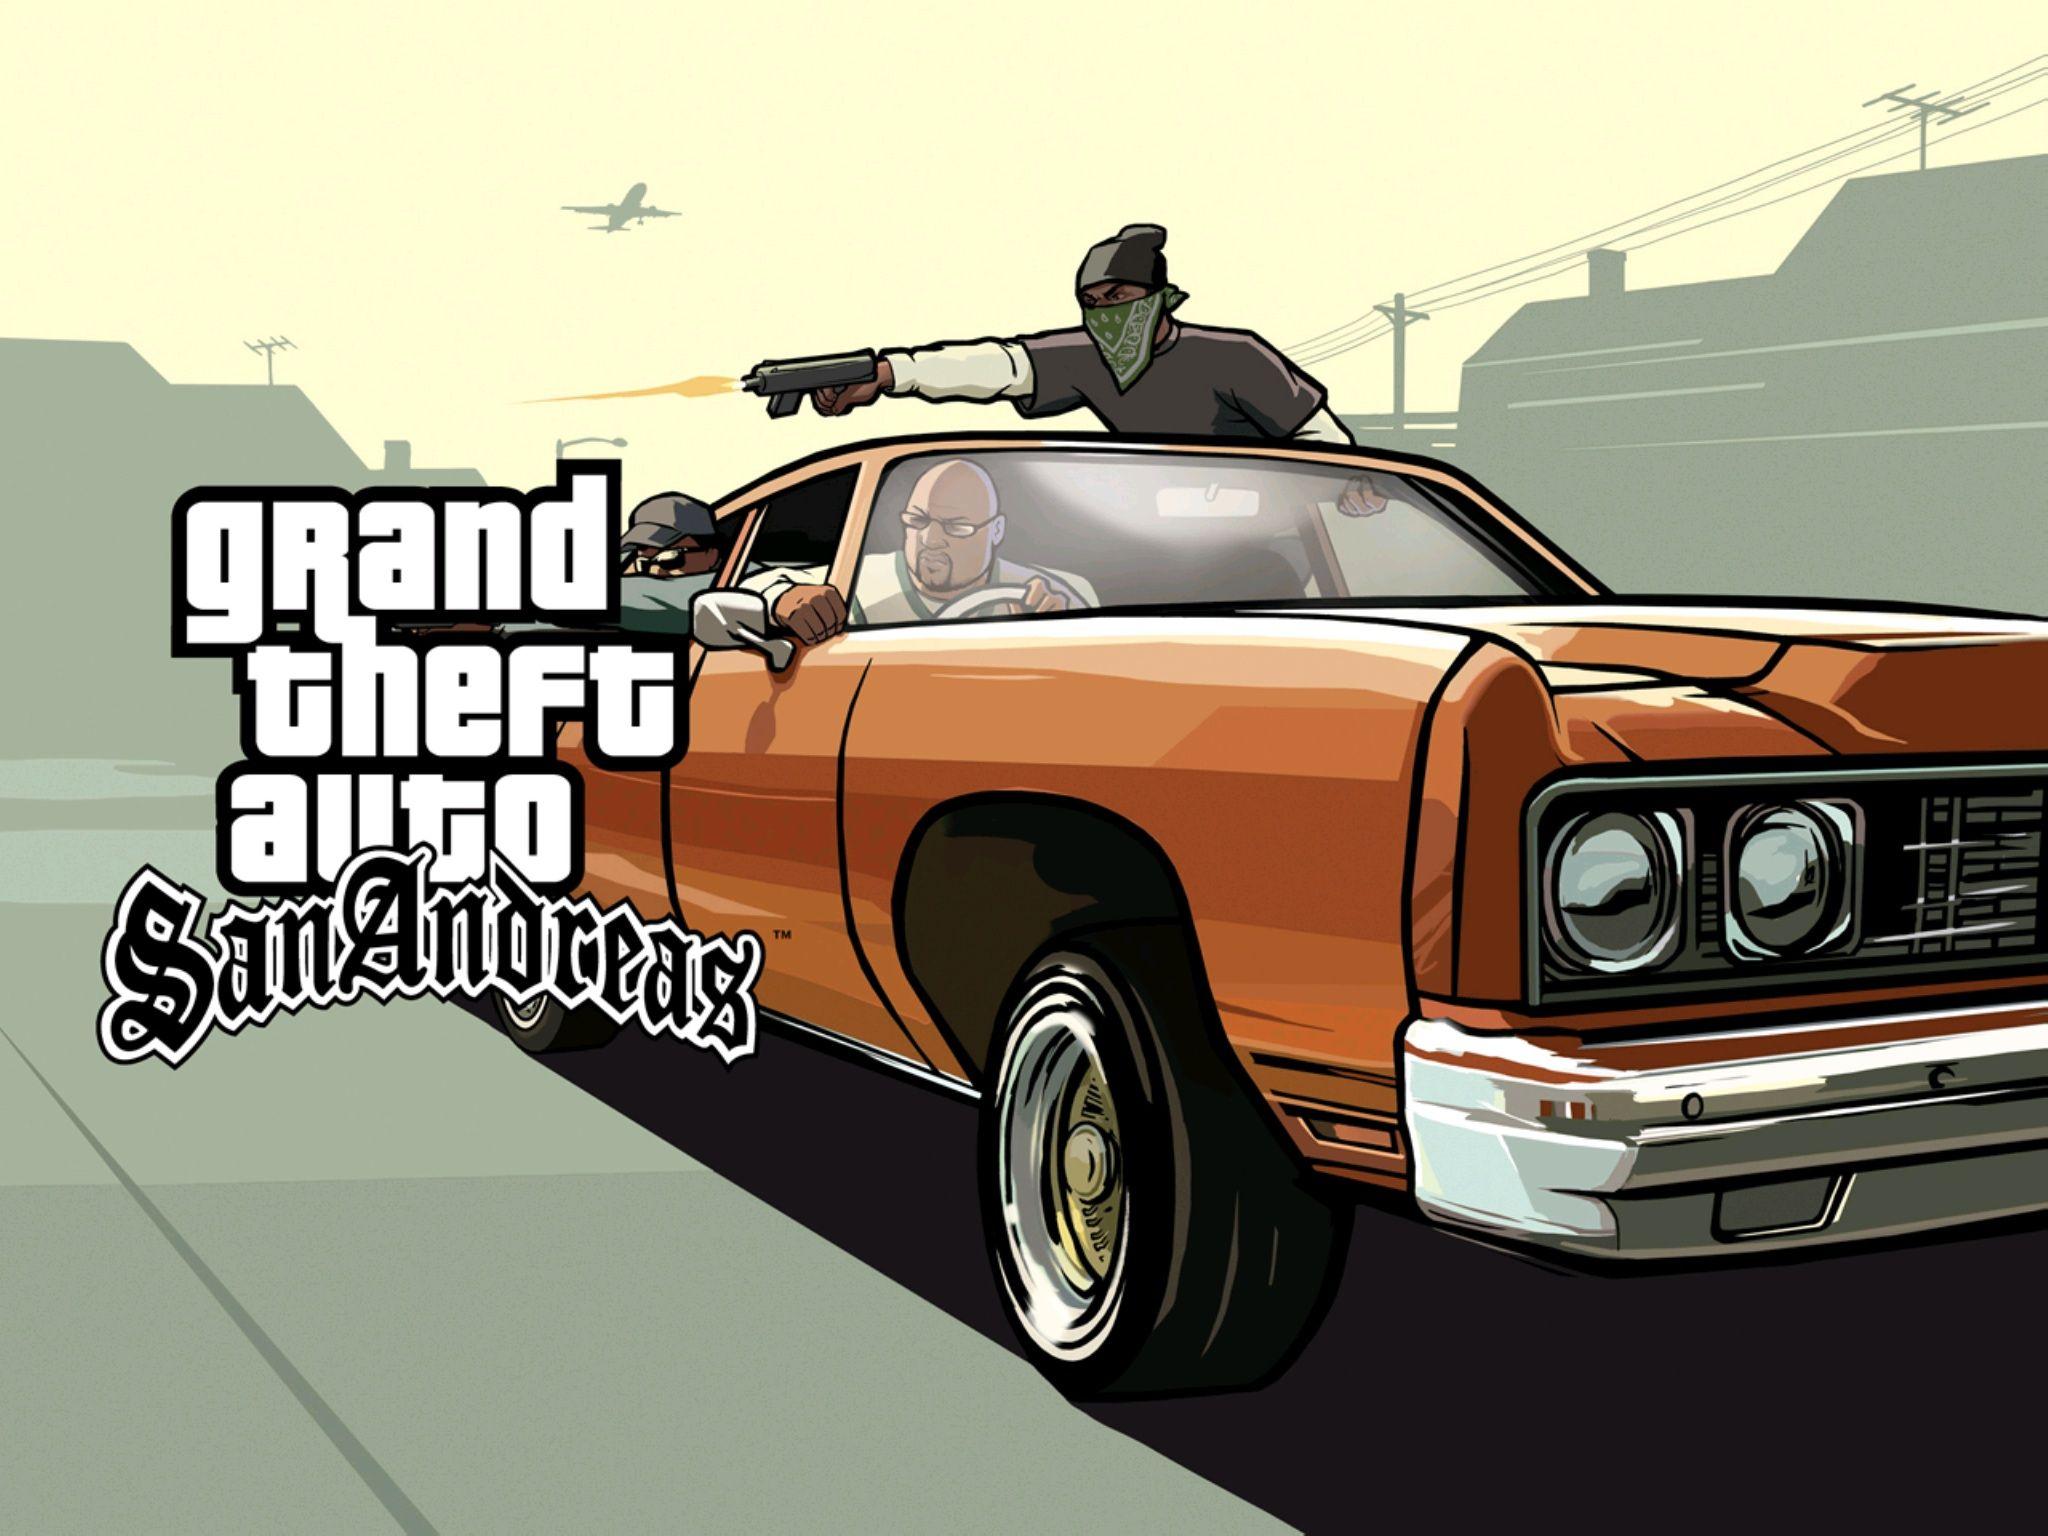 Grand Theft Auto San Andreas Review Throw Some Chedda At This Incredible Port Gta San Andreas Gta Jogo Gta